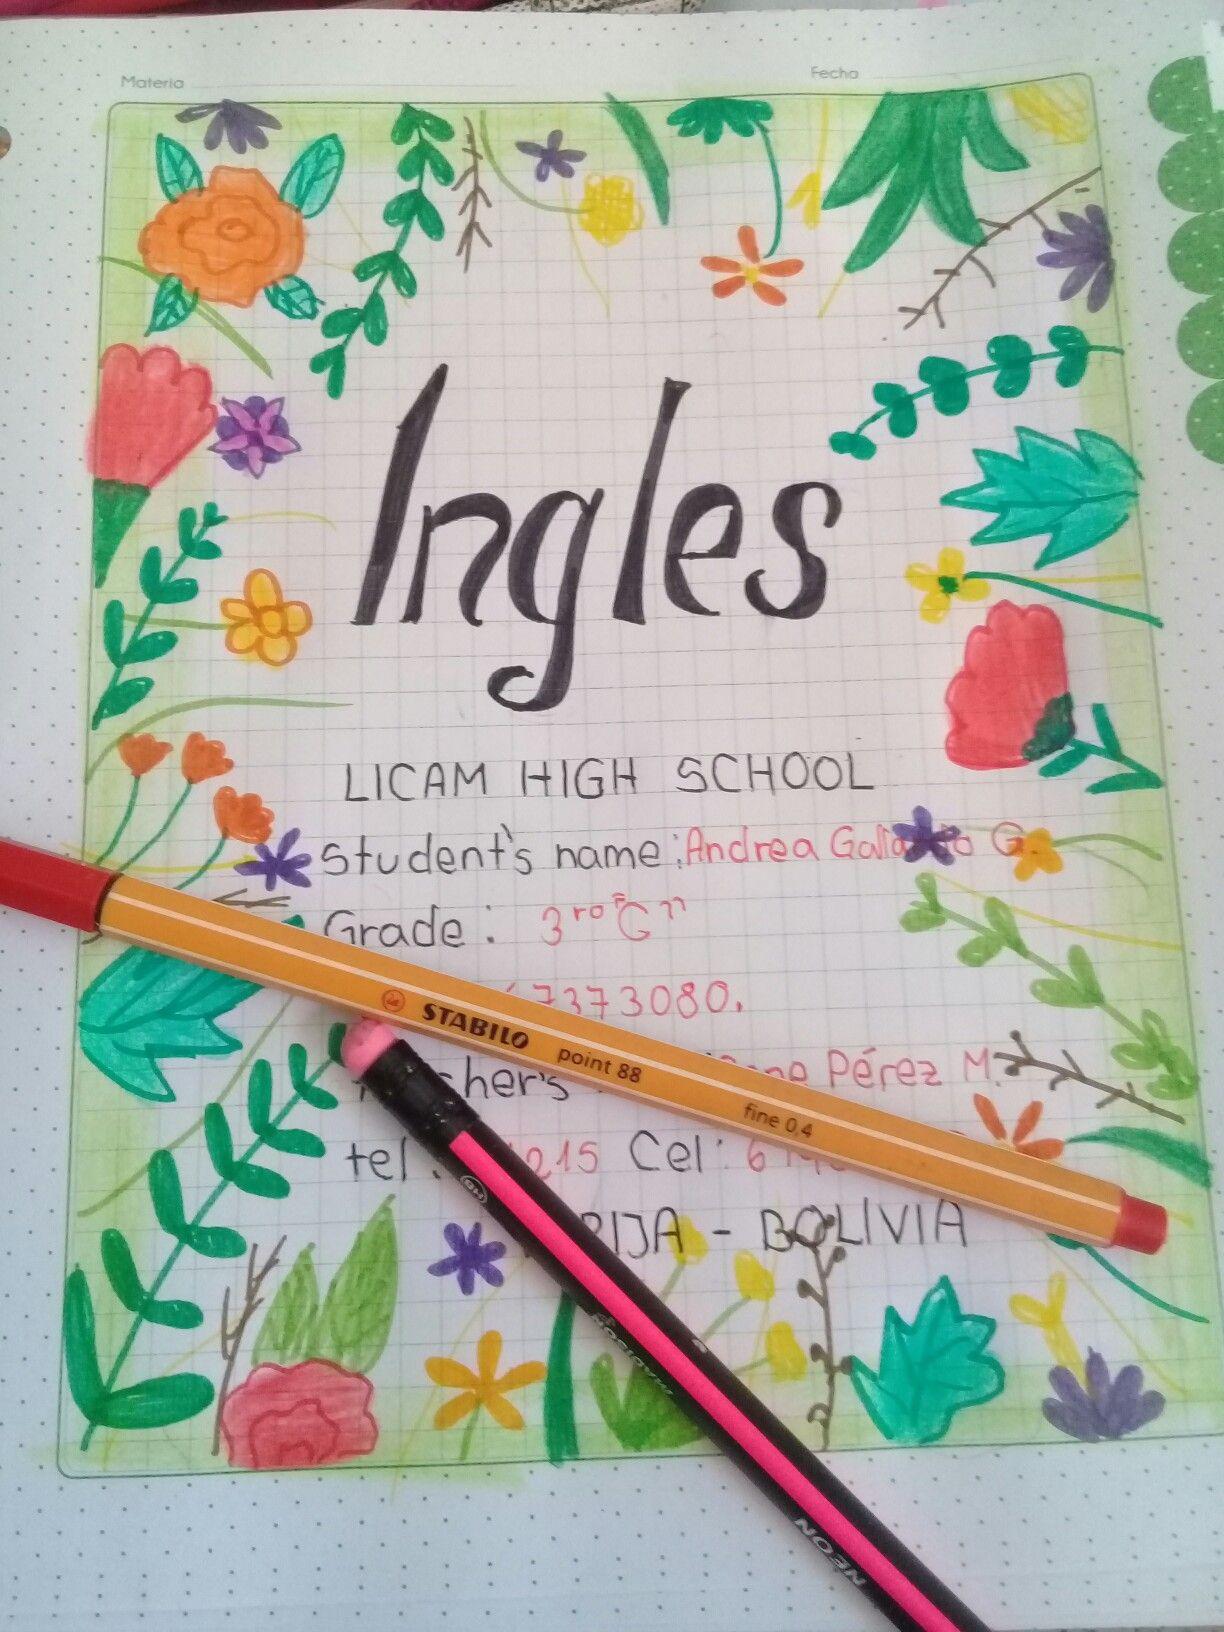 Caratulas creativas   Caratulas para cuadernos   School ...